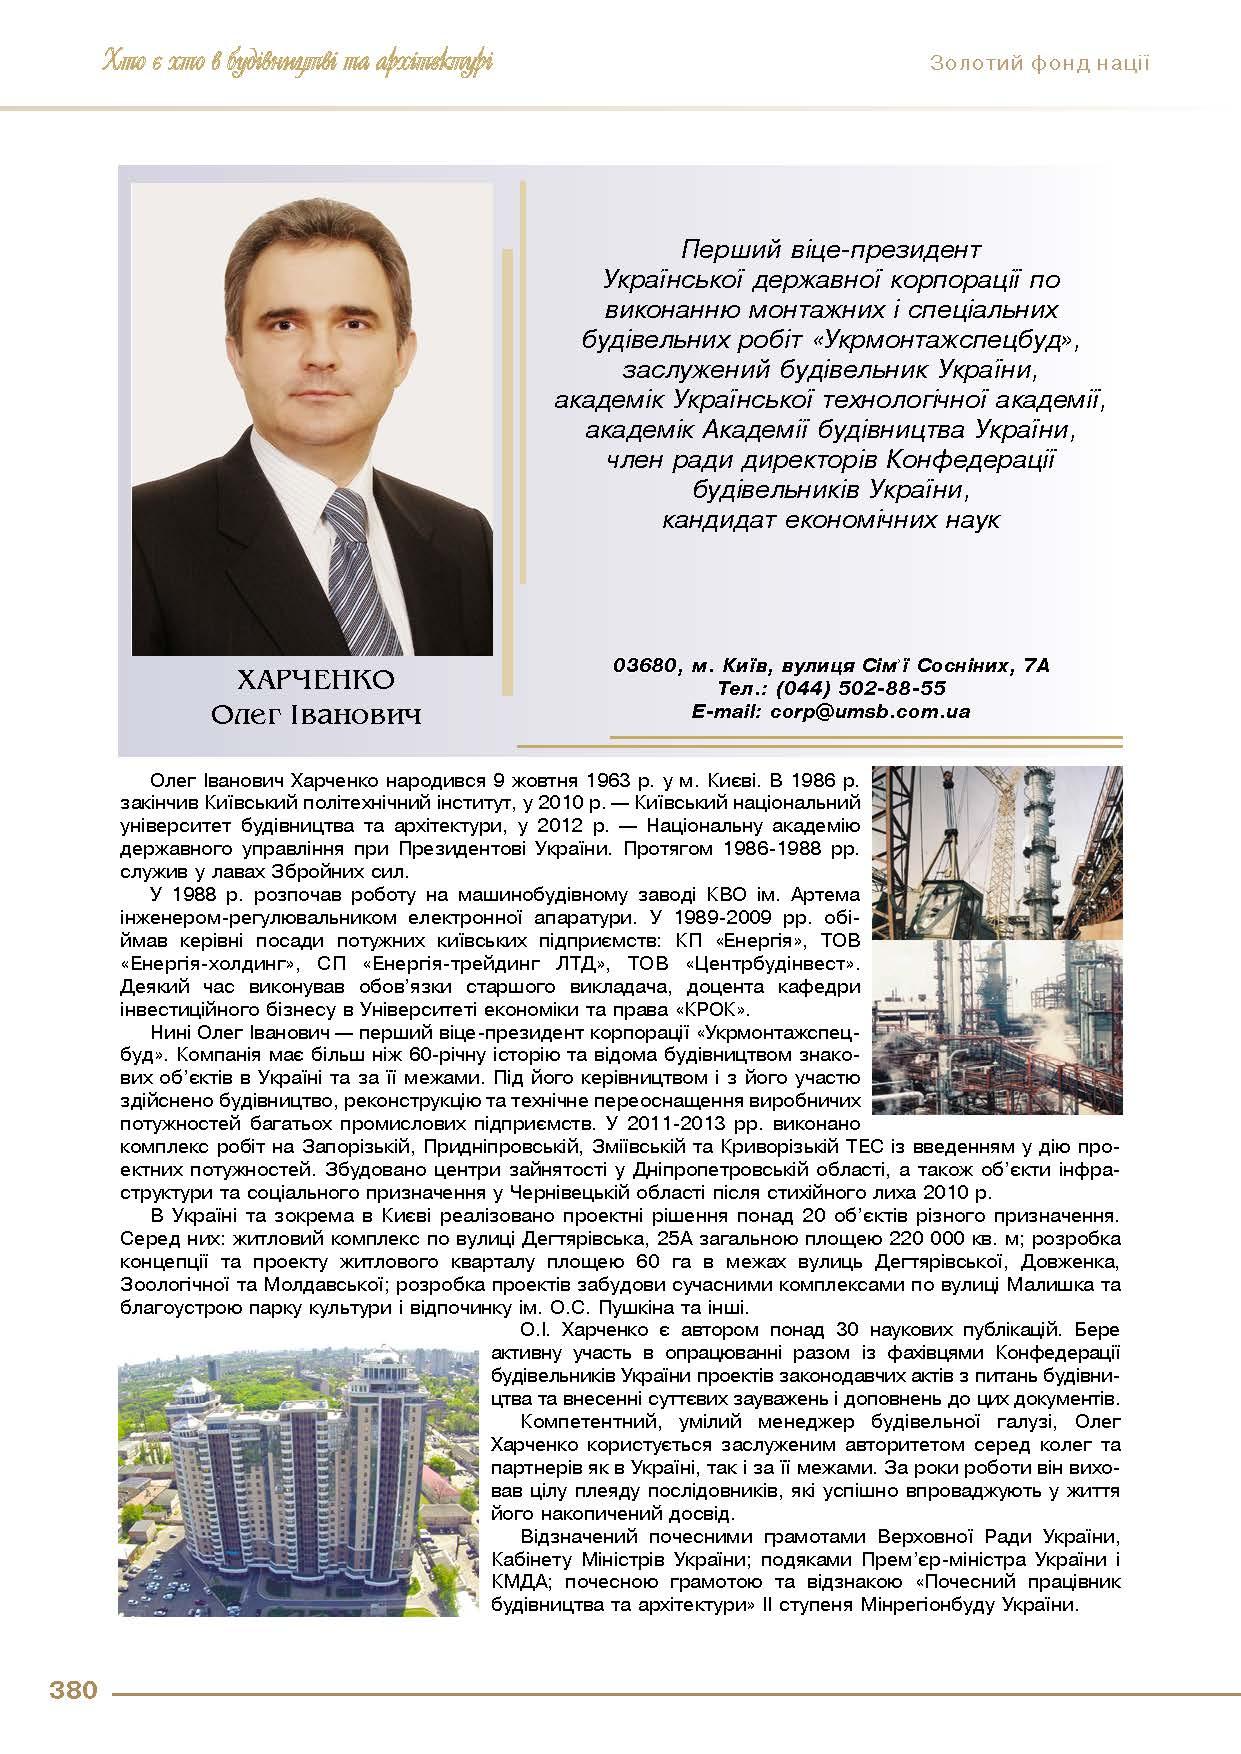 Харченко Олег Іванович